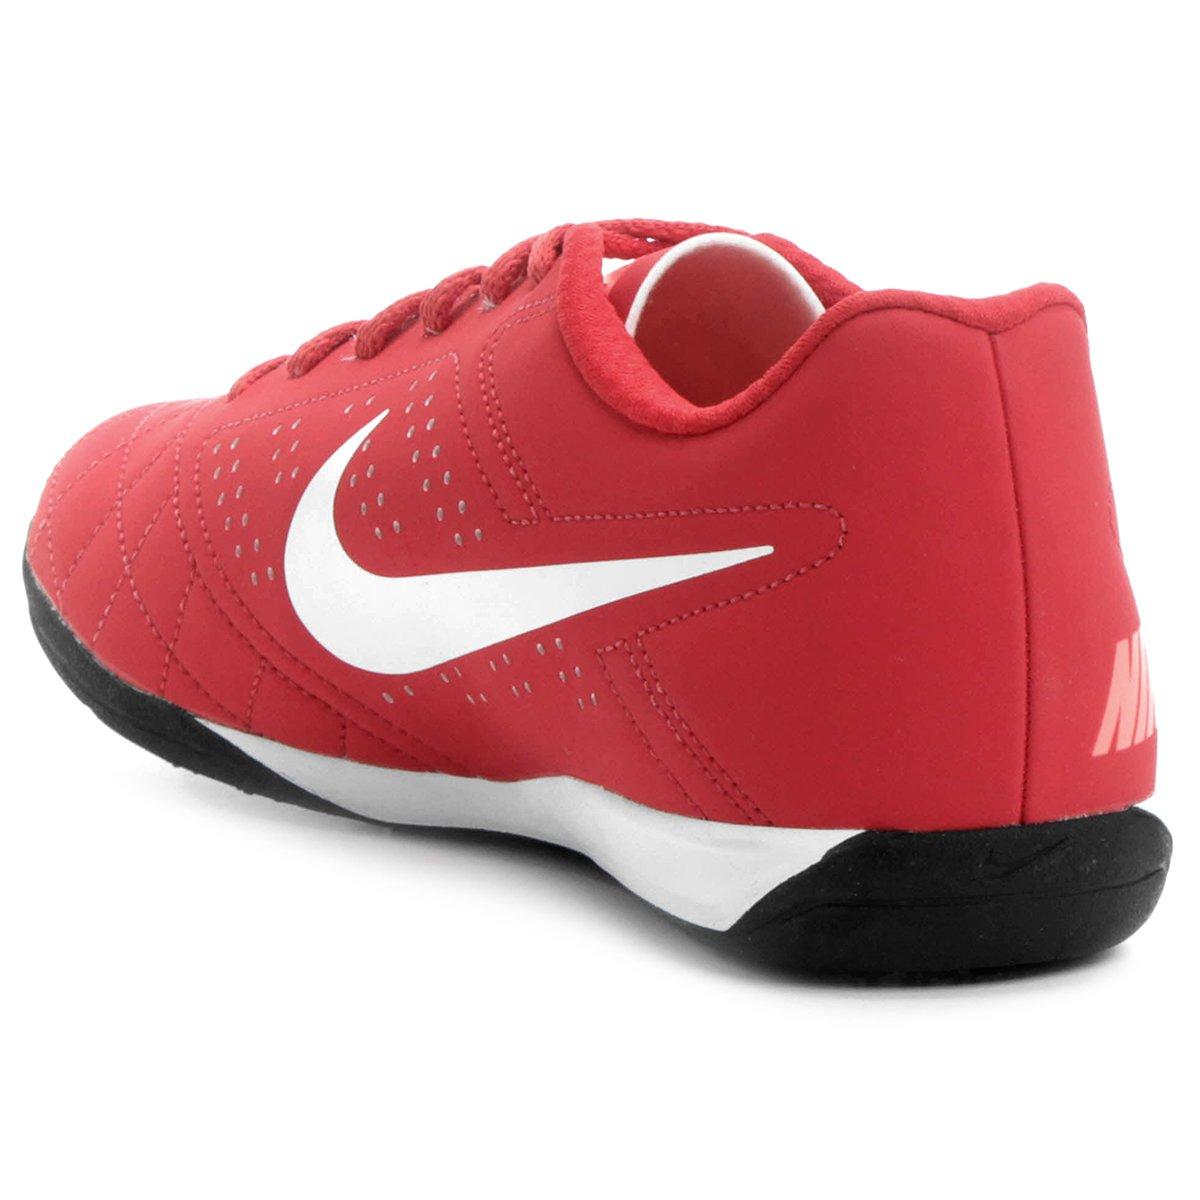 9b62e5e360 Chuteira Futsal Nike Beco 2 Futsal - Vermelho e Branco - Compre ...